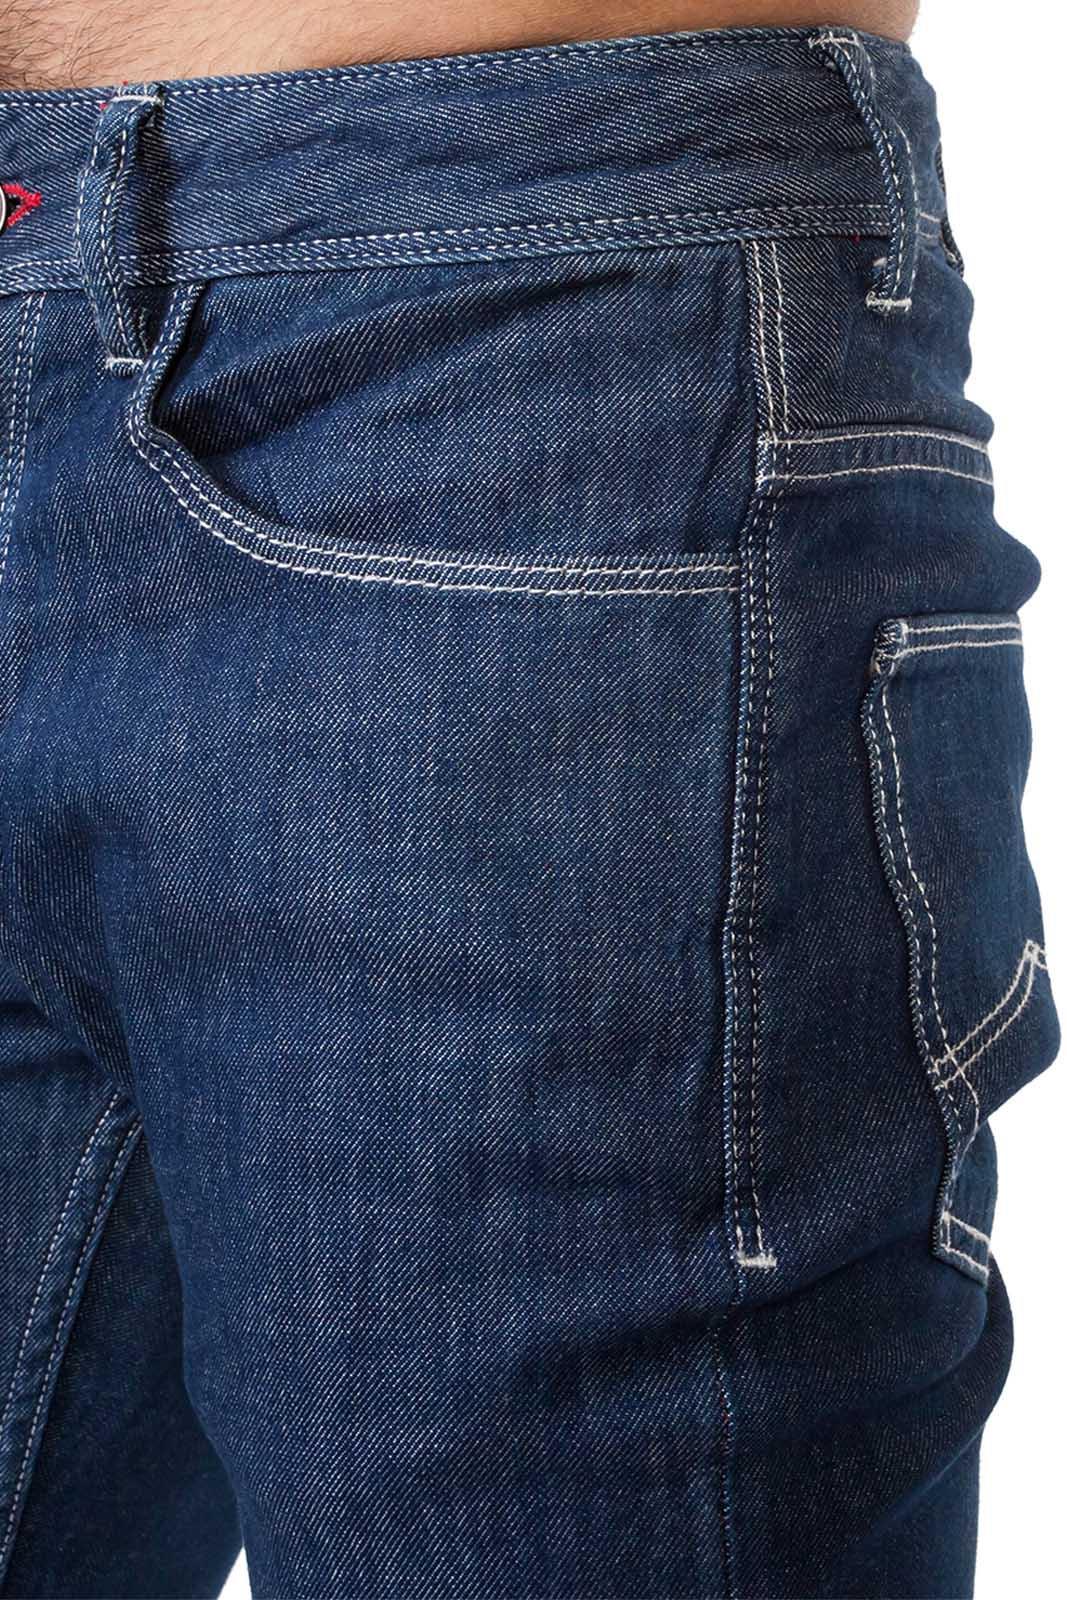 Синие мужские джинсы с белыми строчками.